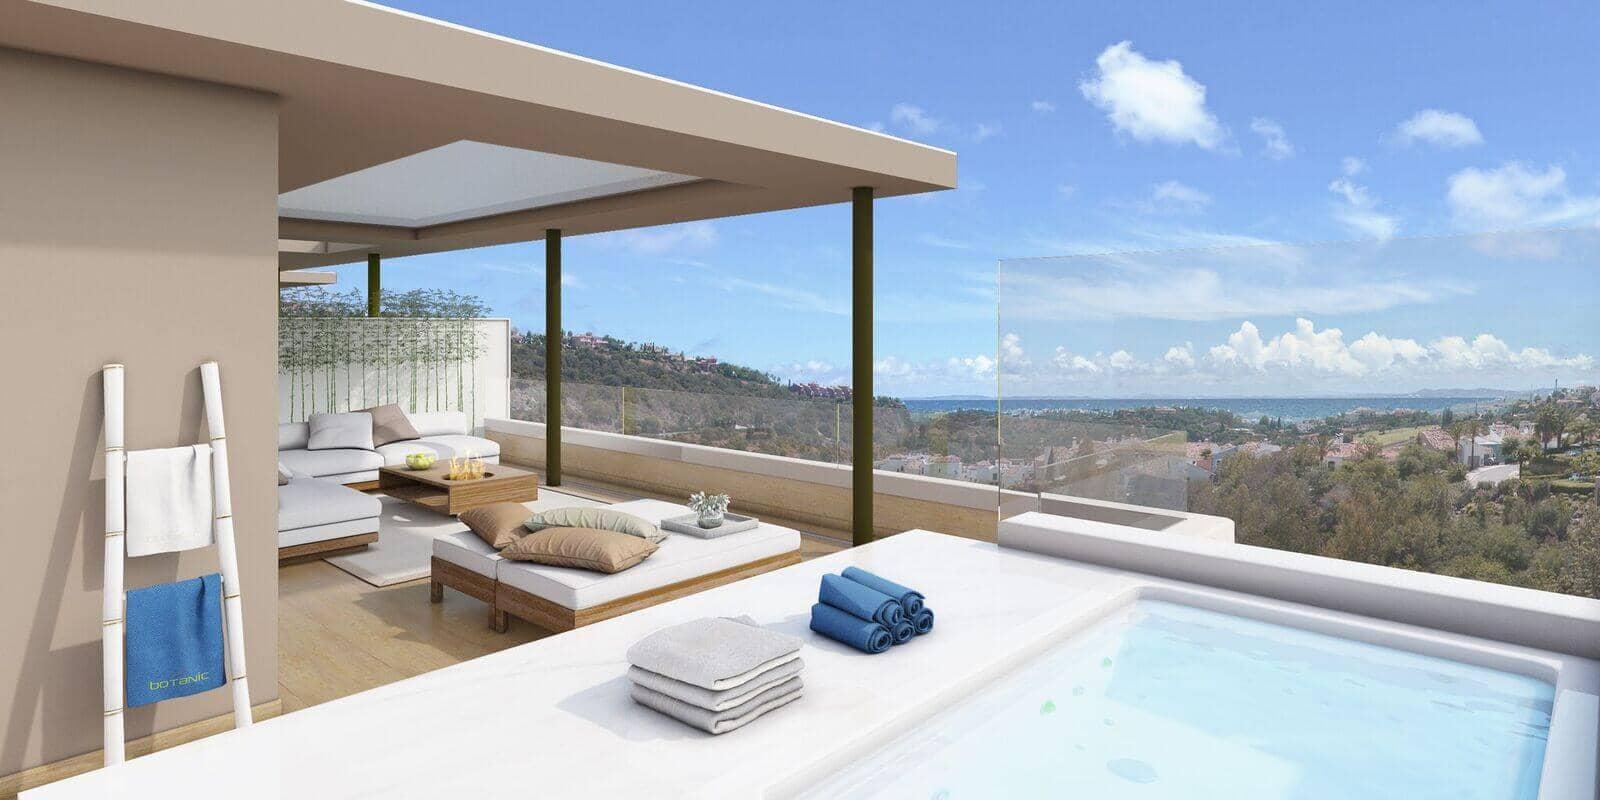 botanic taylor wimpey appartement penthouse los arqueros benahavis zeezicht golf penthouse jacuzzi